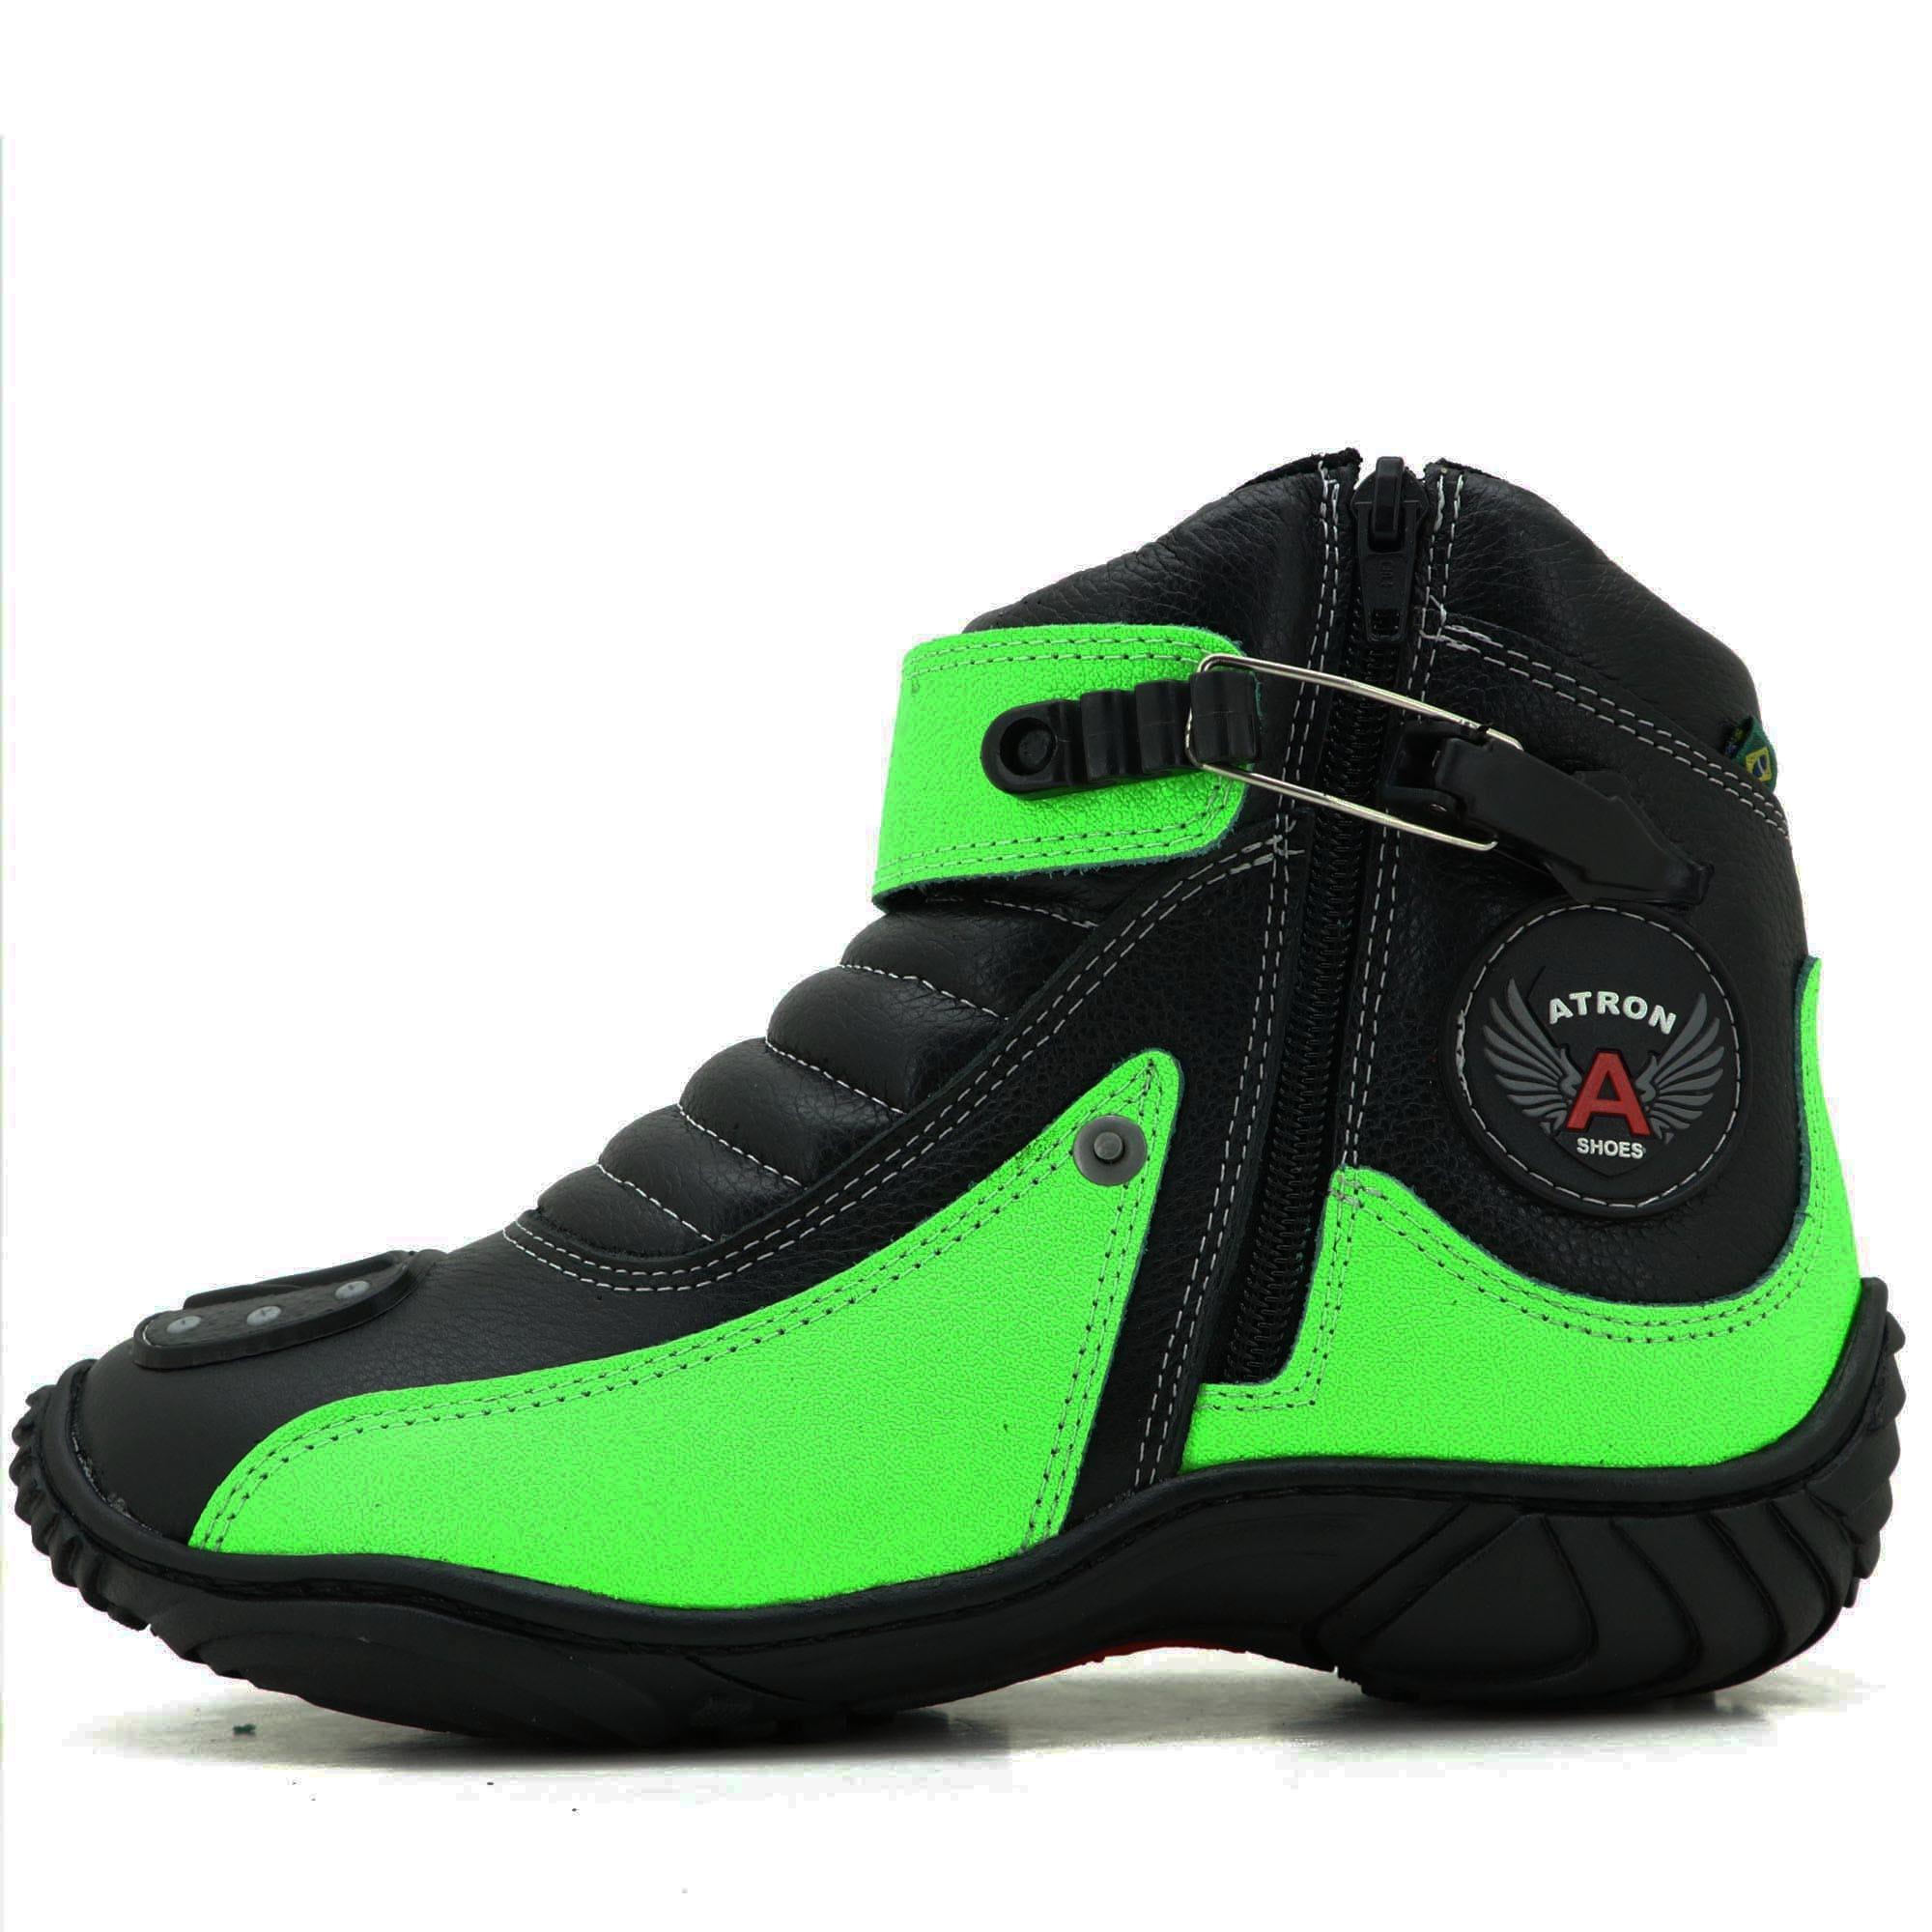 Bota motociclista Atron Shoes preta e verde em couro legítimo 271